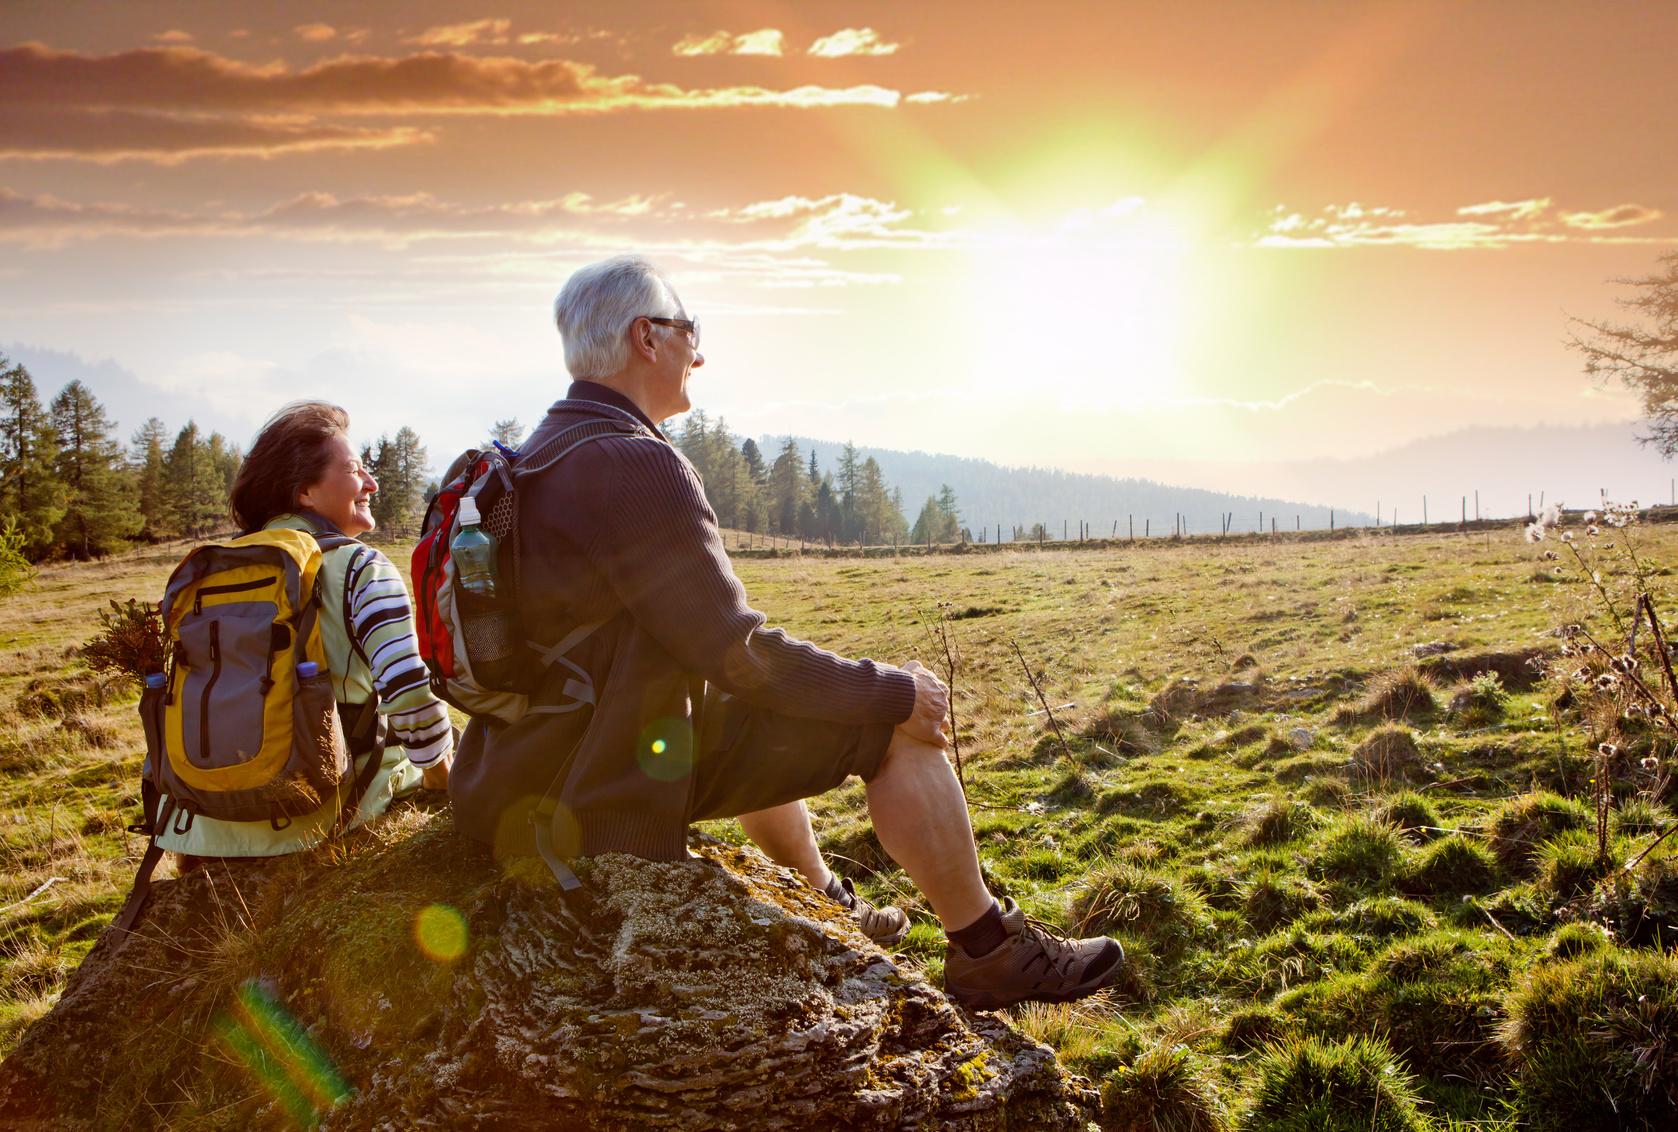 freizeitaktivitaet-senioren-wandern-rucksack-sonnenuntergang-pause-huegel-weide